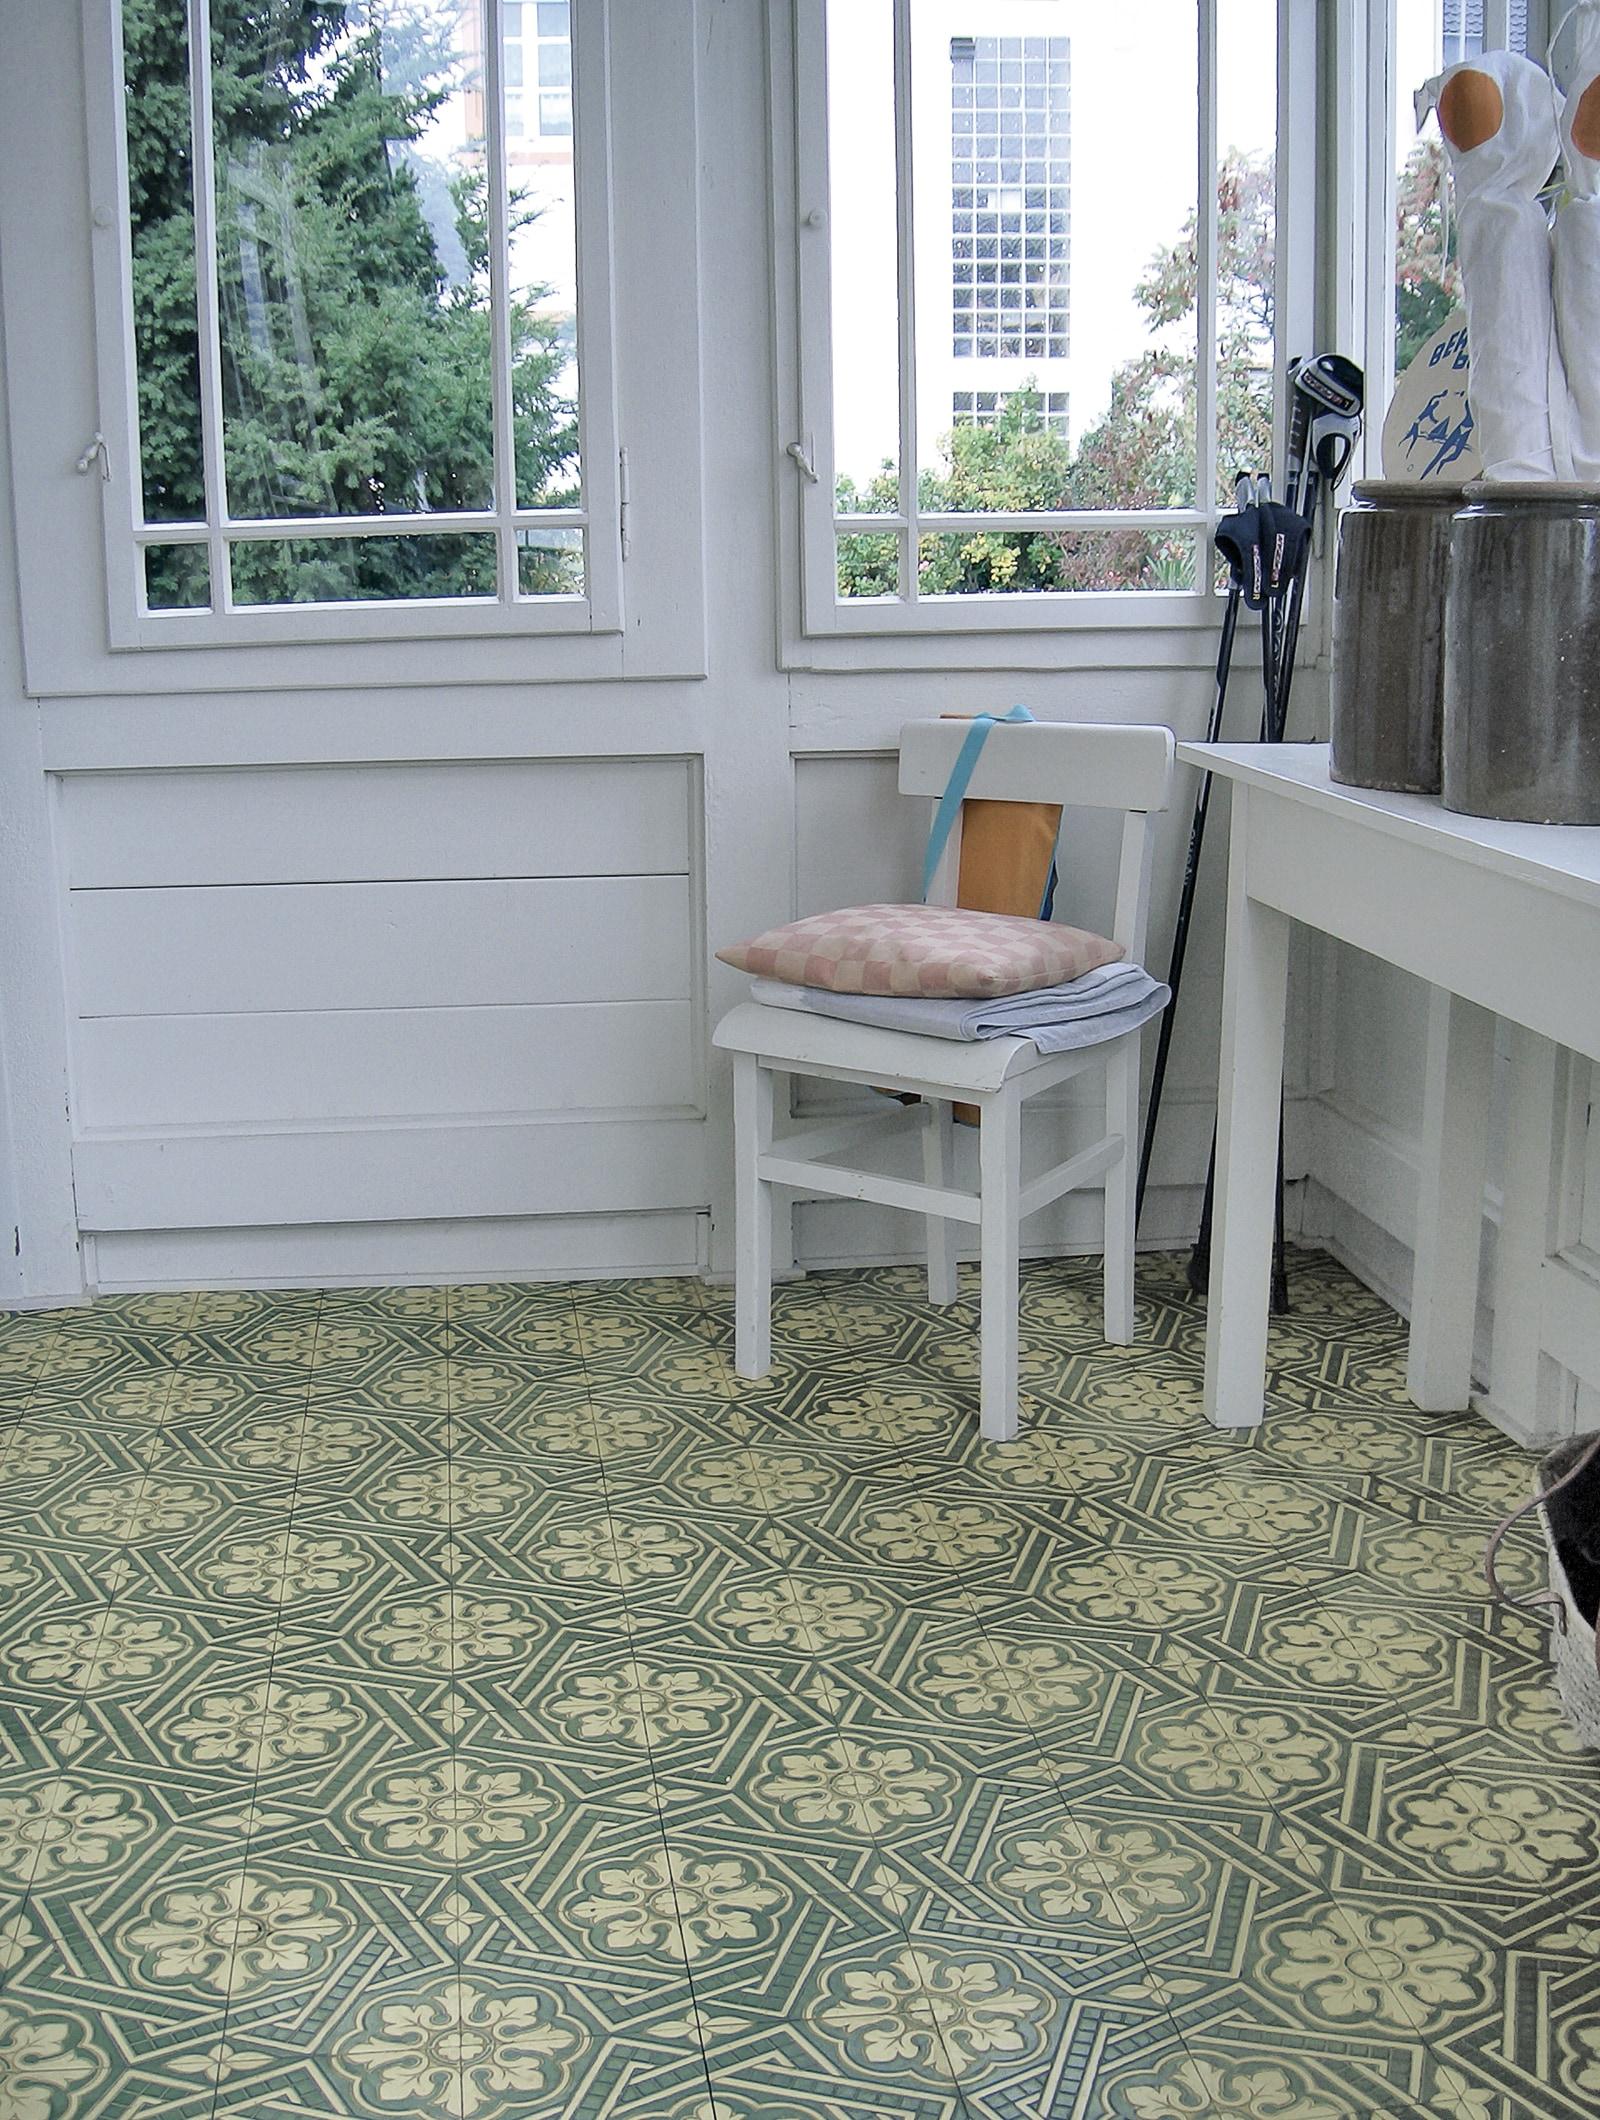 zementfliesen-VIA_zementmosaikplatten-nr.40553-viaplatten | 40553